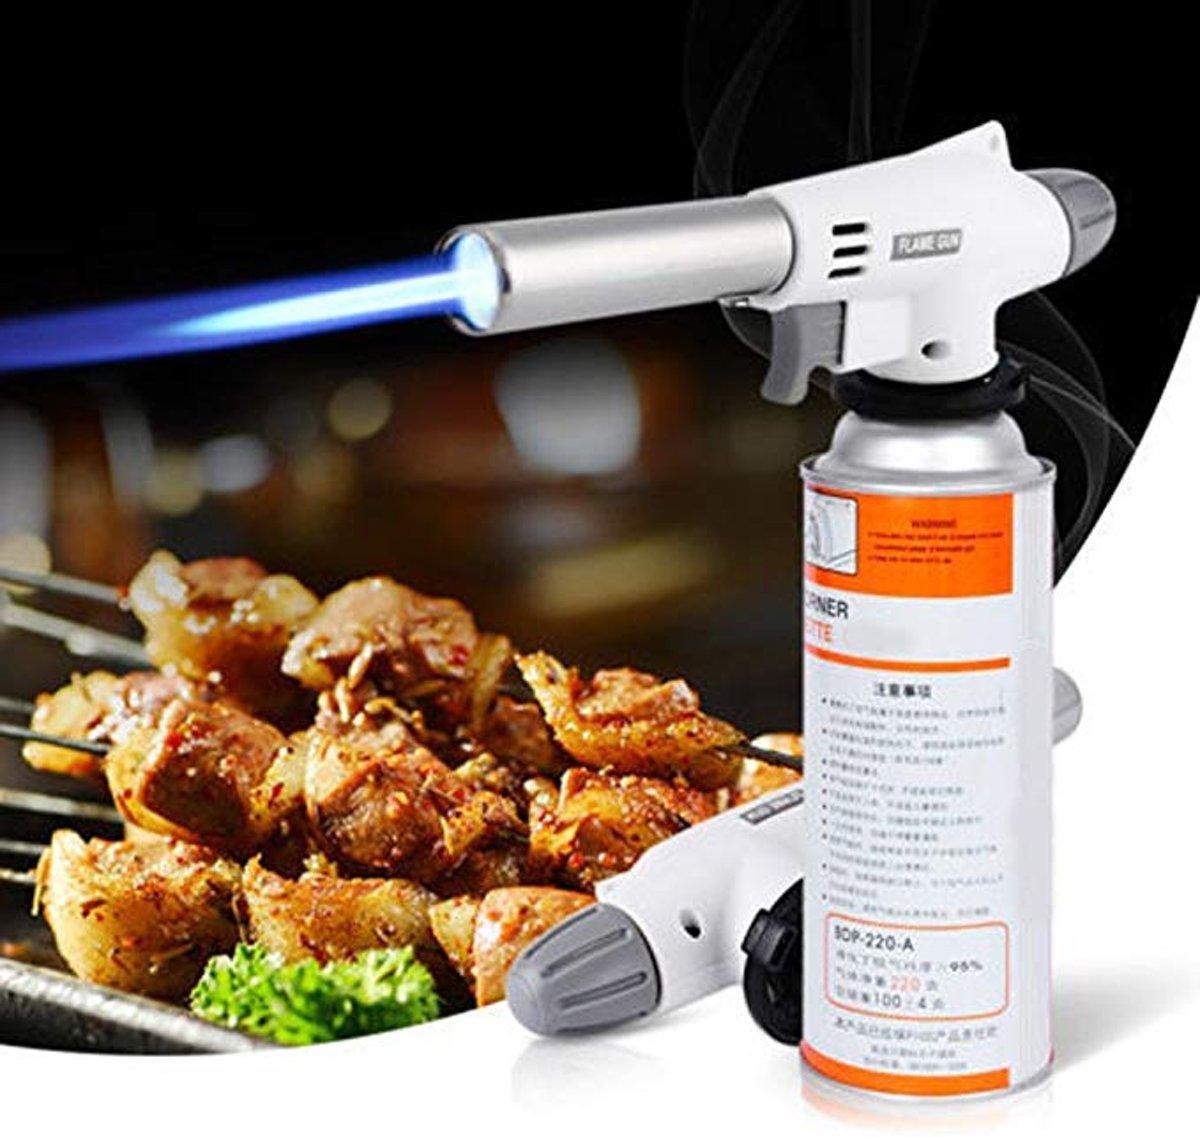 Multi Gasbrander - Butaangas Brander - Creme Brulee Butaan Gas Vuuwerk Keuken Soldeer Aansteker kopen